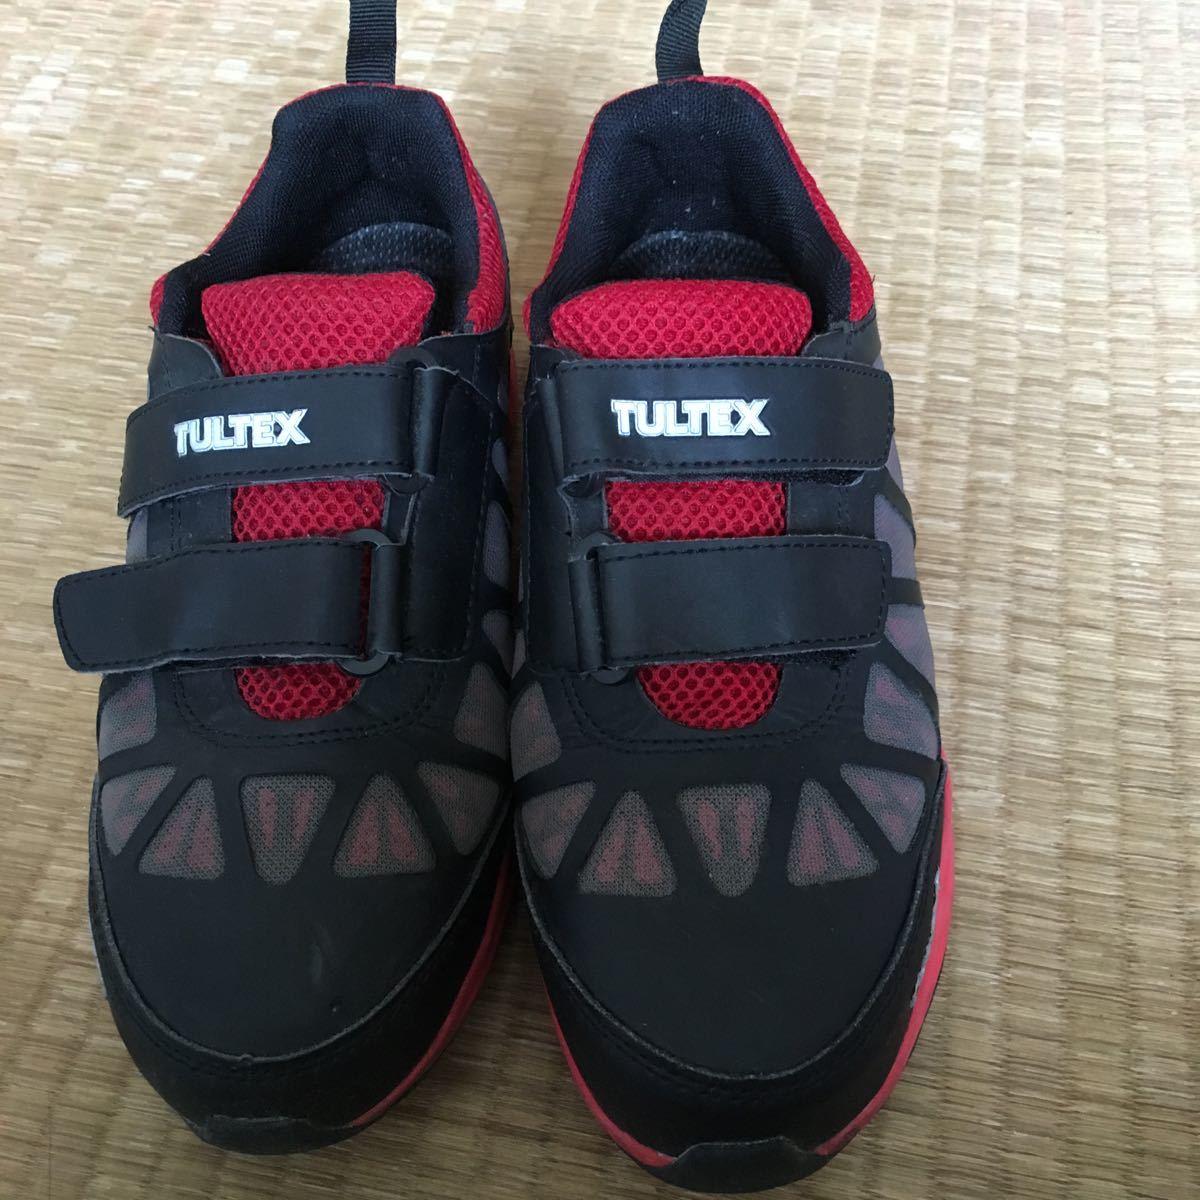 テックス 安全 靴 タル